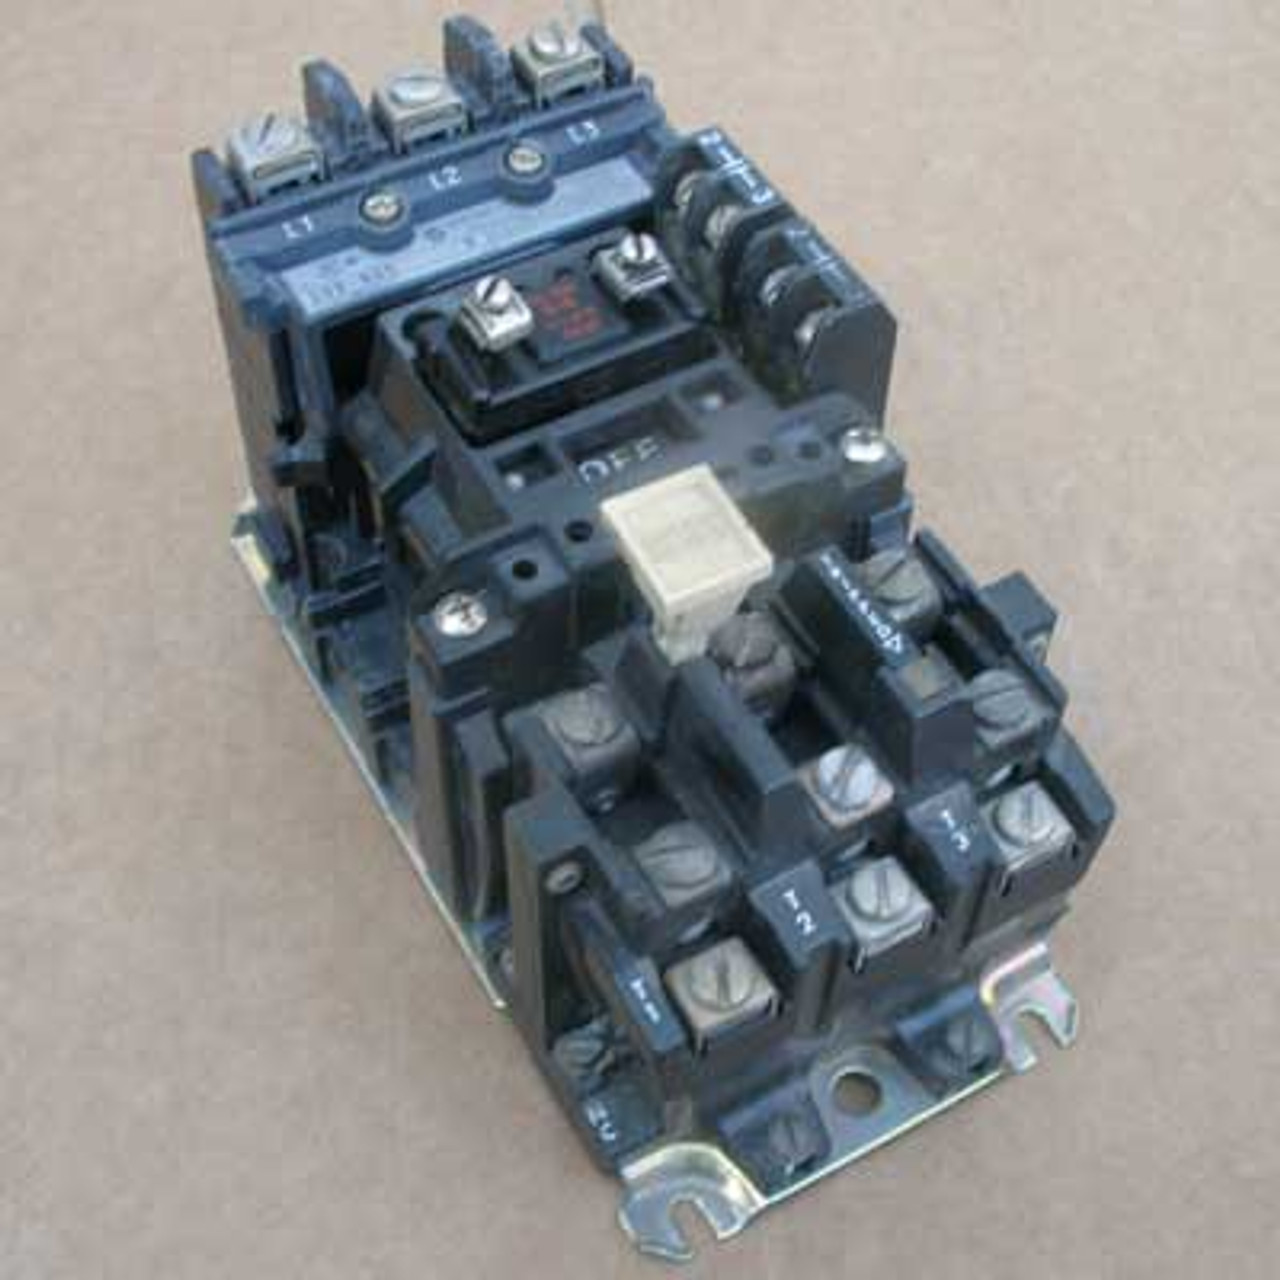 Allen-Bradley 509-BOD Size 1 Magnetic Starter 3 Pole 120V Coil - Used